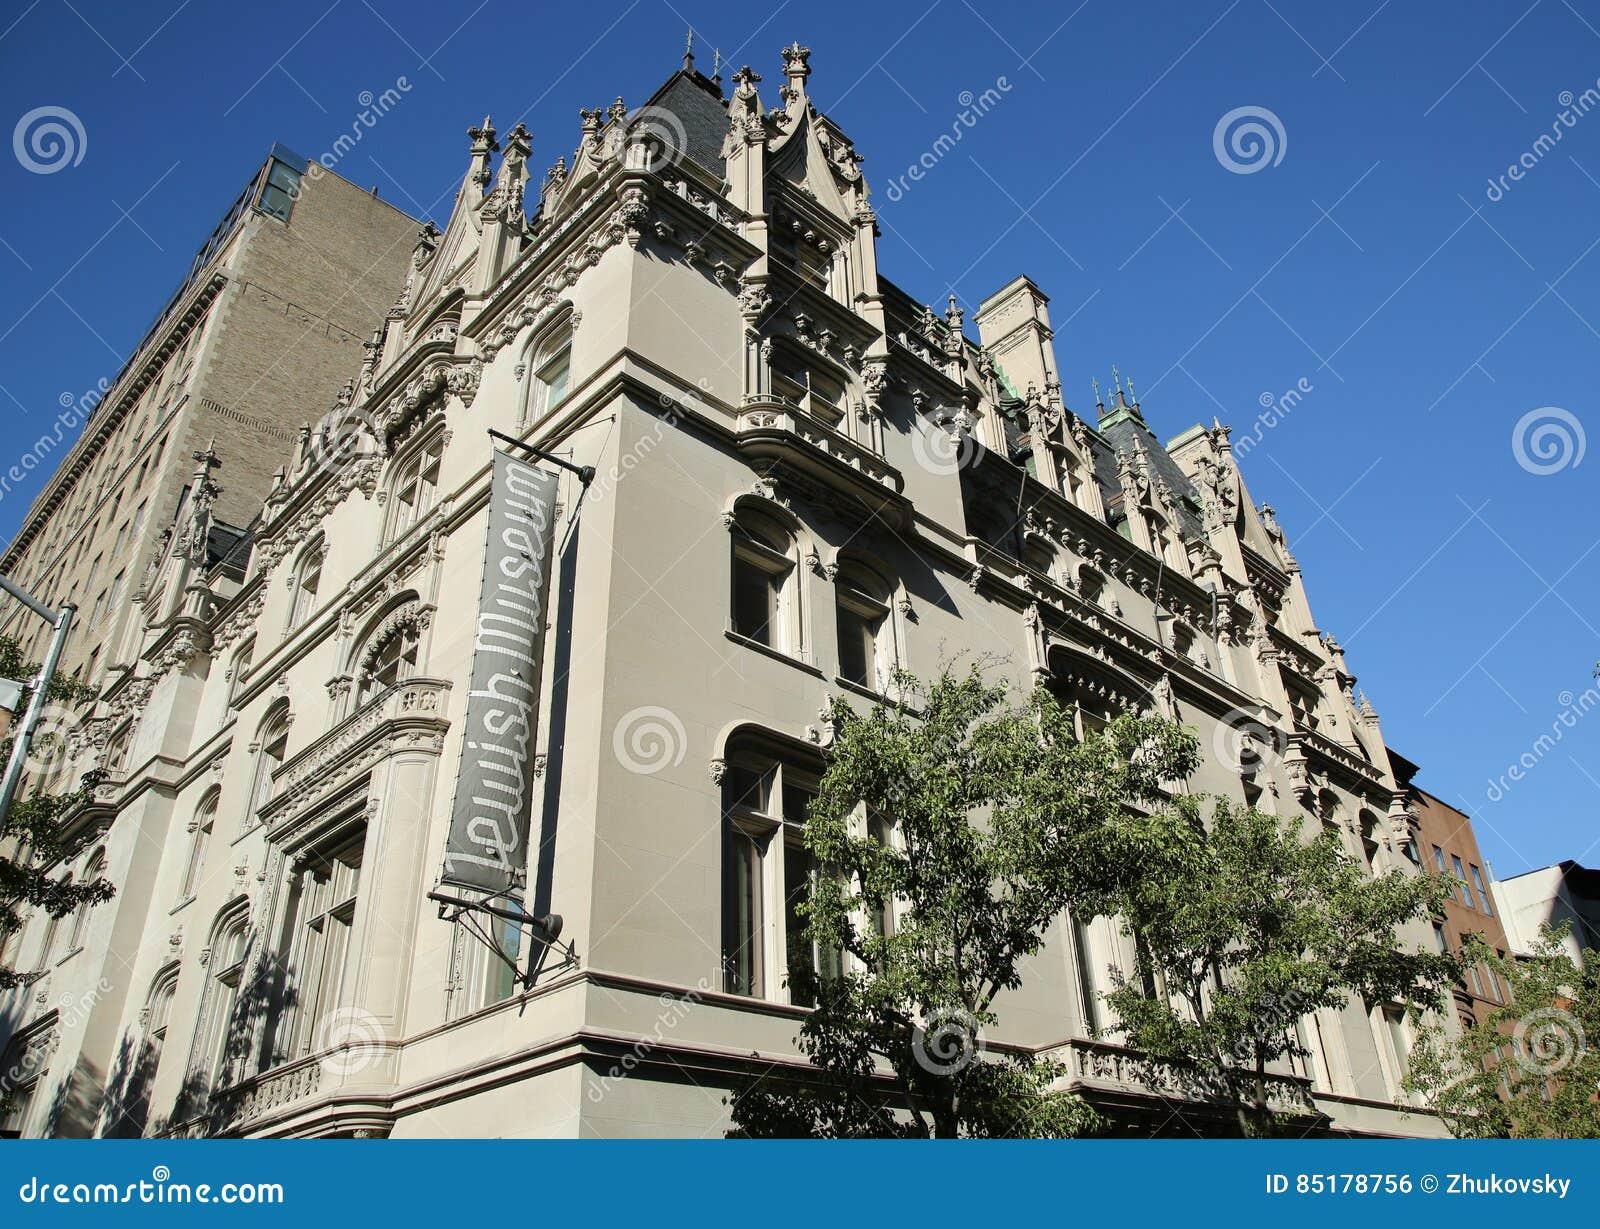 Jewish Museum Of New York Travel